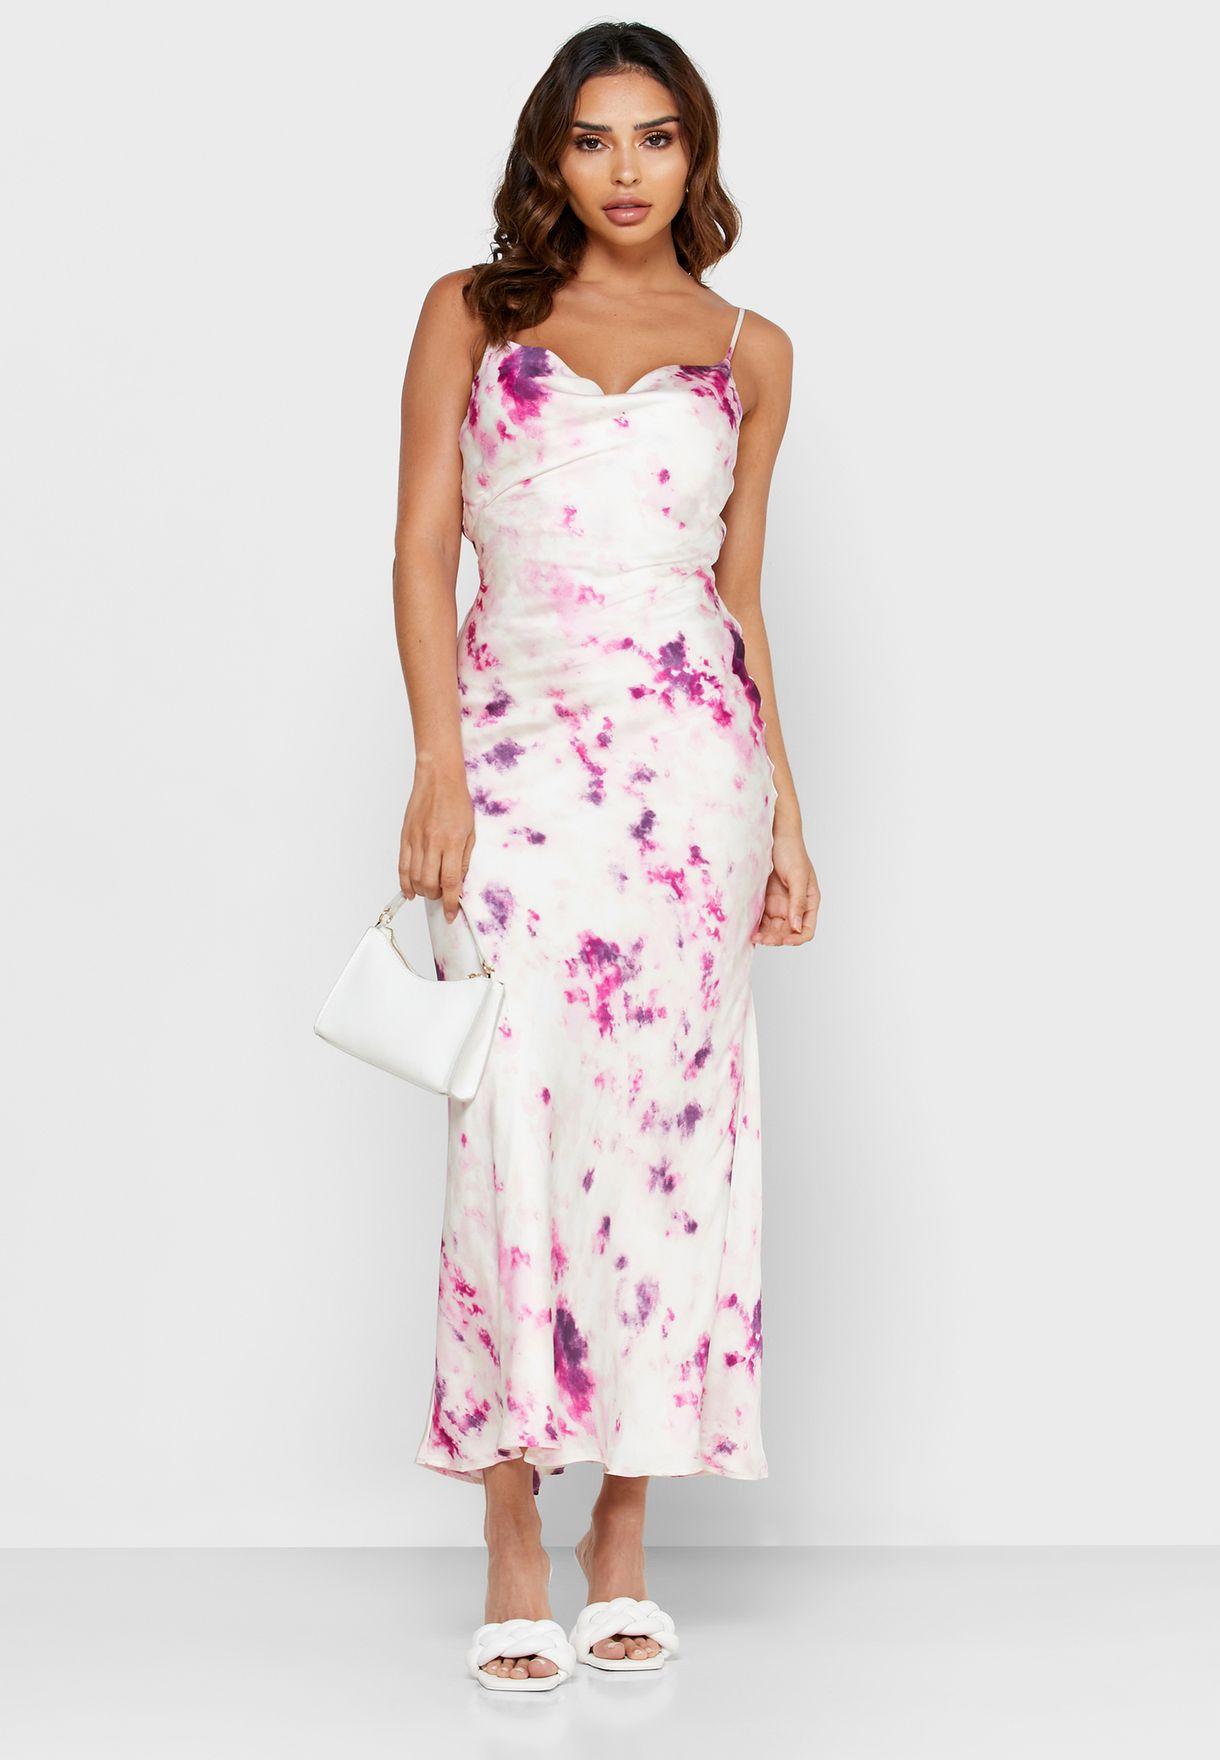 Cami Strap Tie Dye Dress